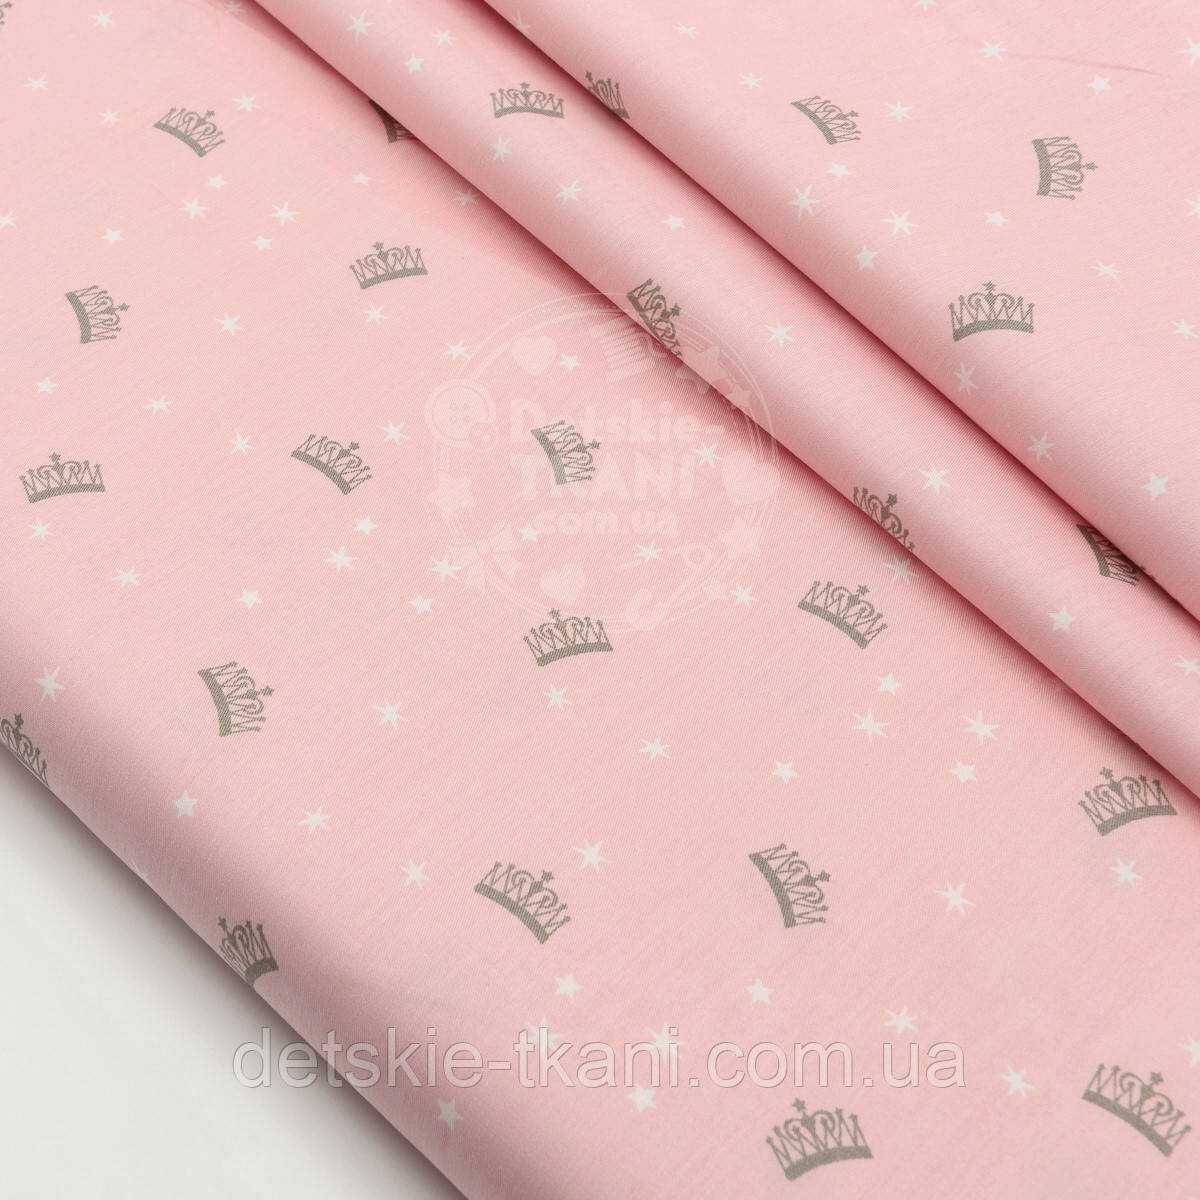 """Сатин ткань """"Маленькие короны и звёздочки"""" на розовом фоне, № 1503с"""